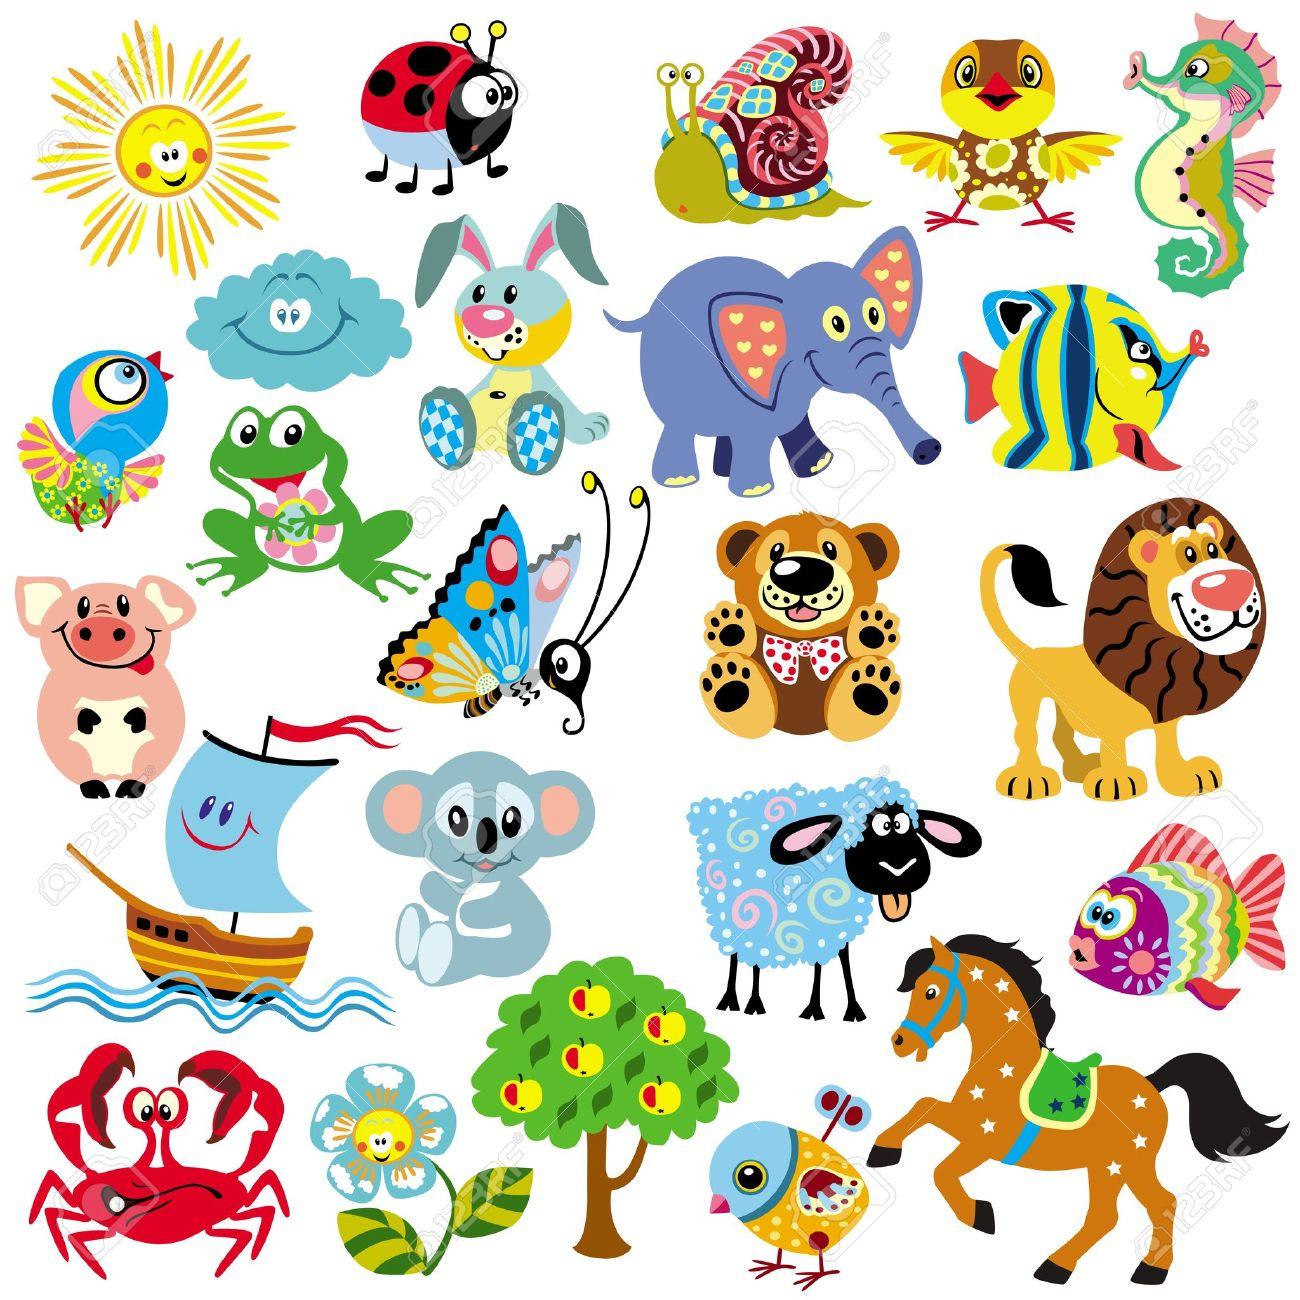 Gran Conjunto De Imágenes Para Los Bebés Y Los Niños Pequeños, Las ...